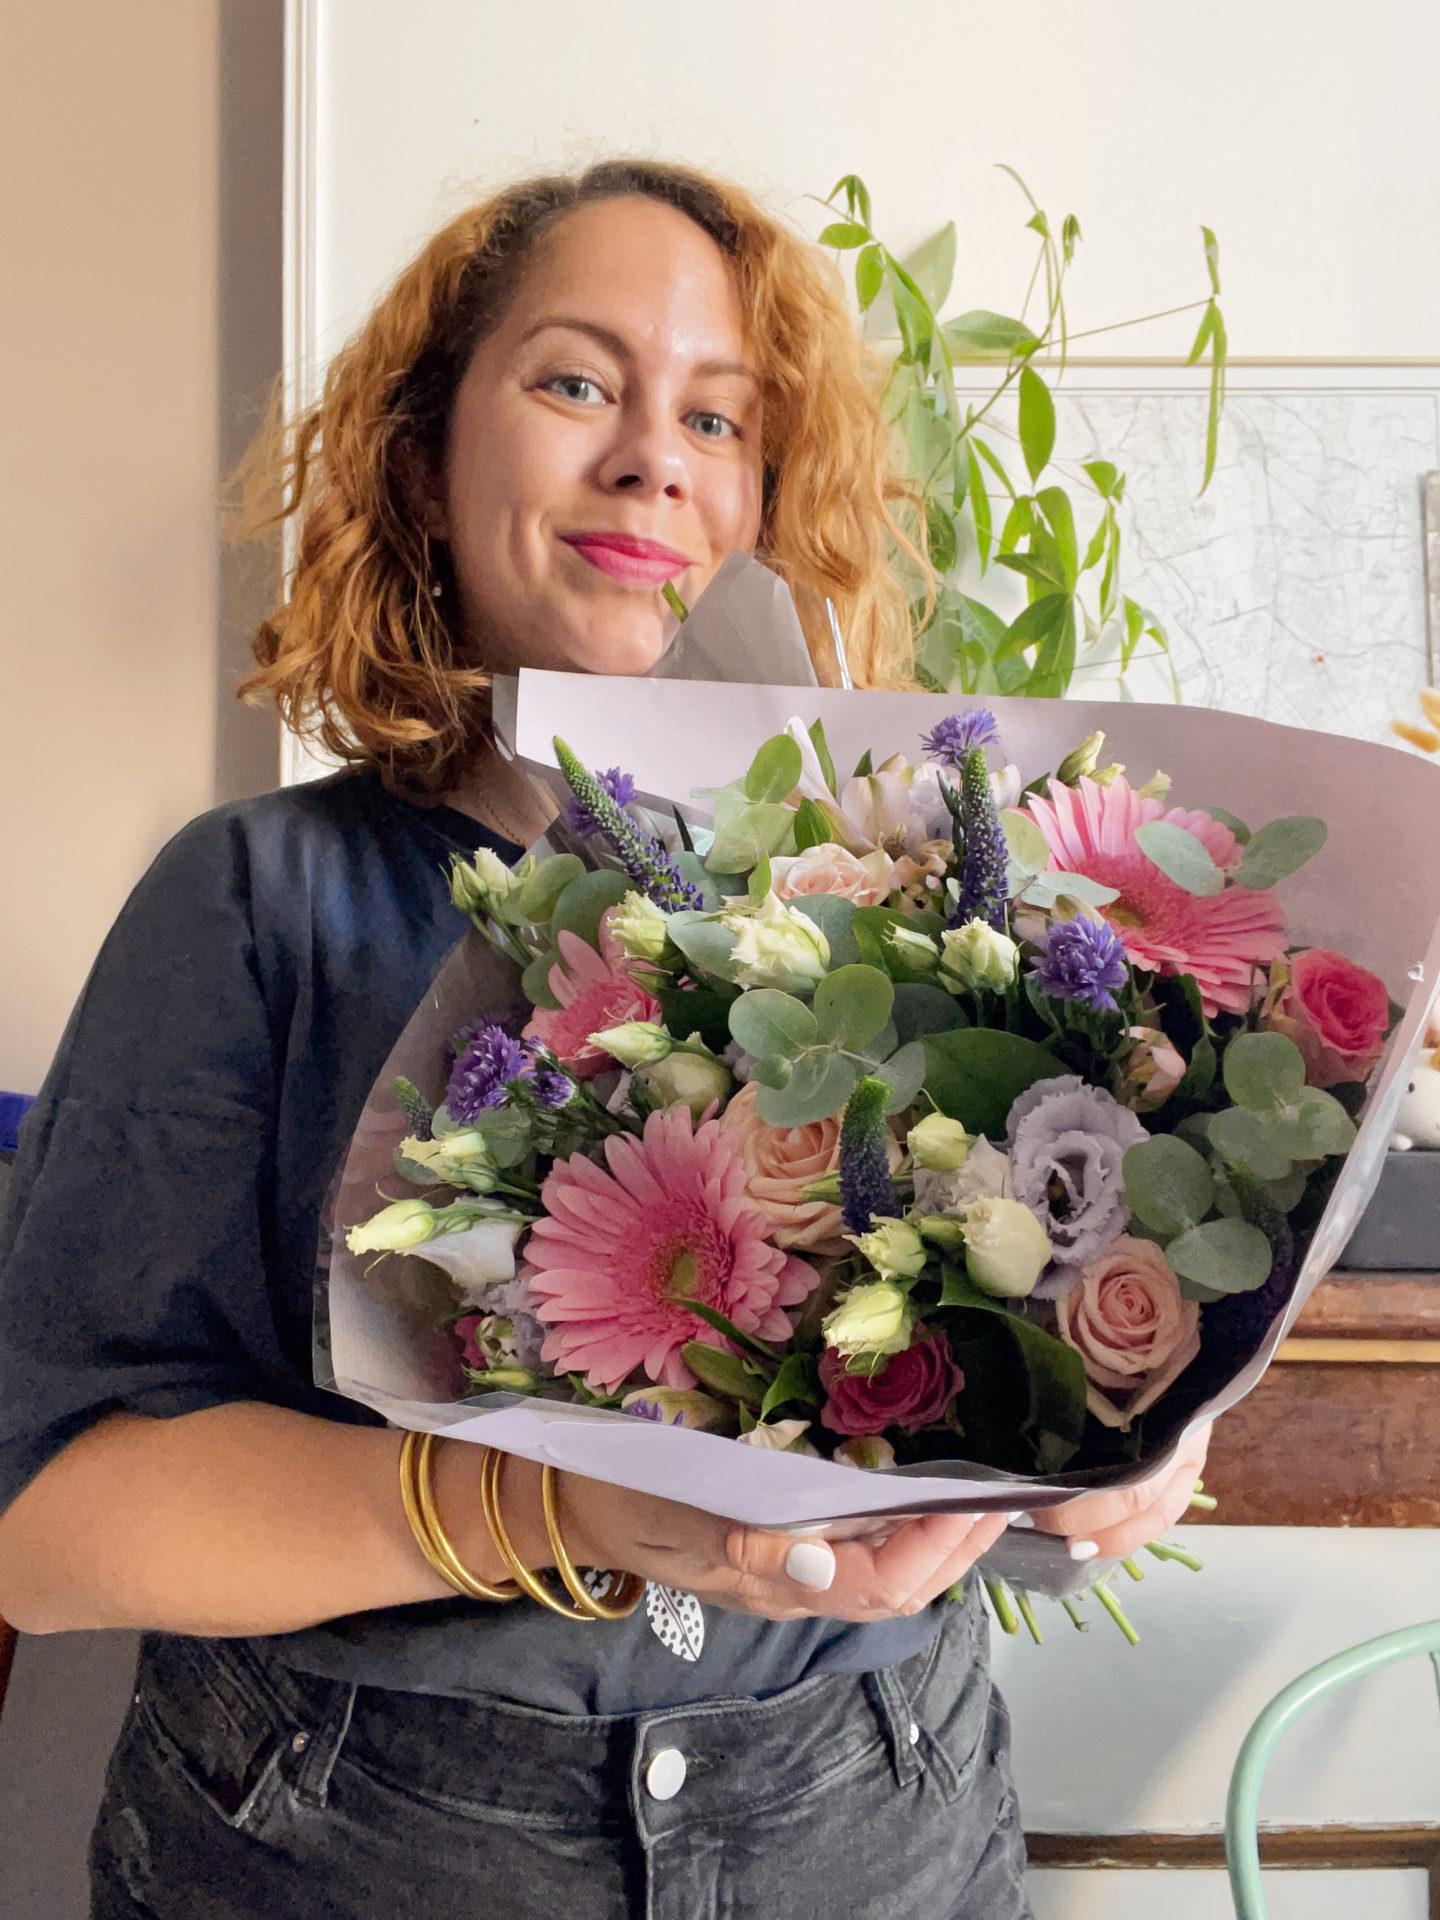 livraison bouquet de fleurs la rochelle